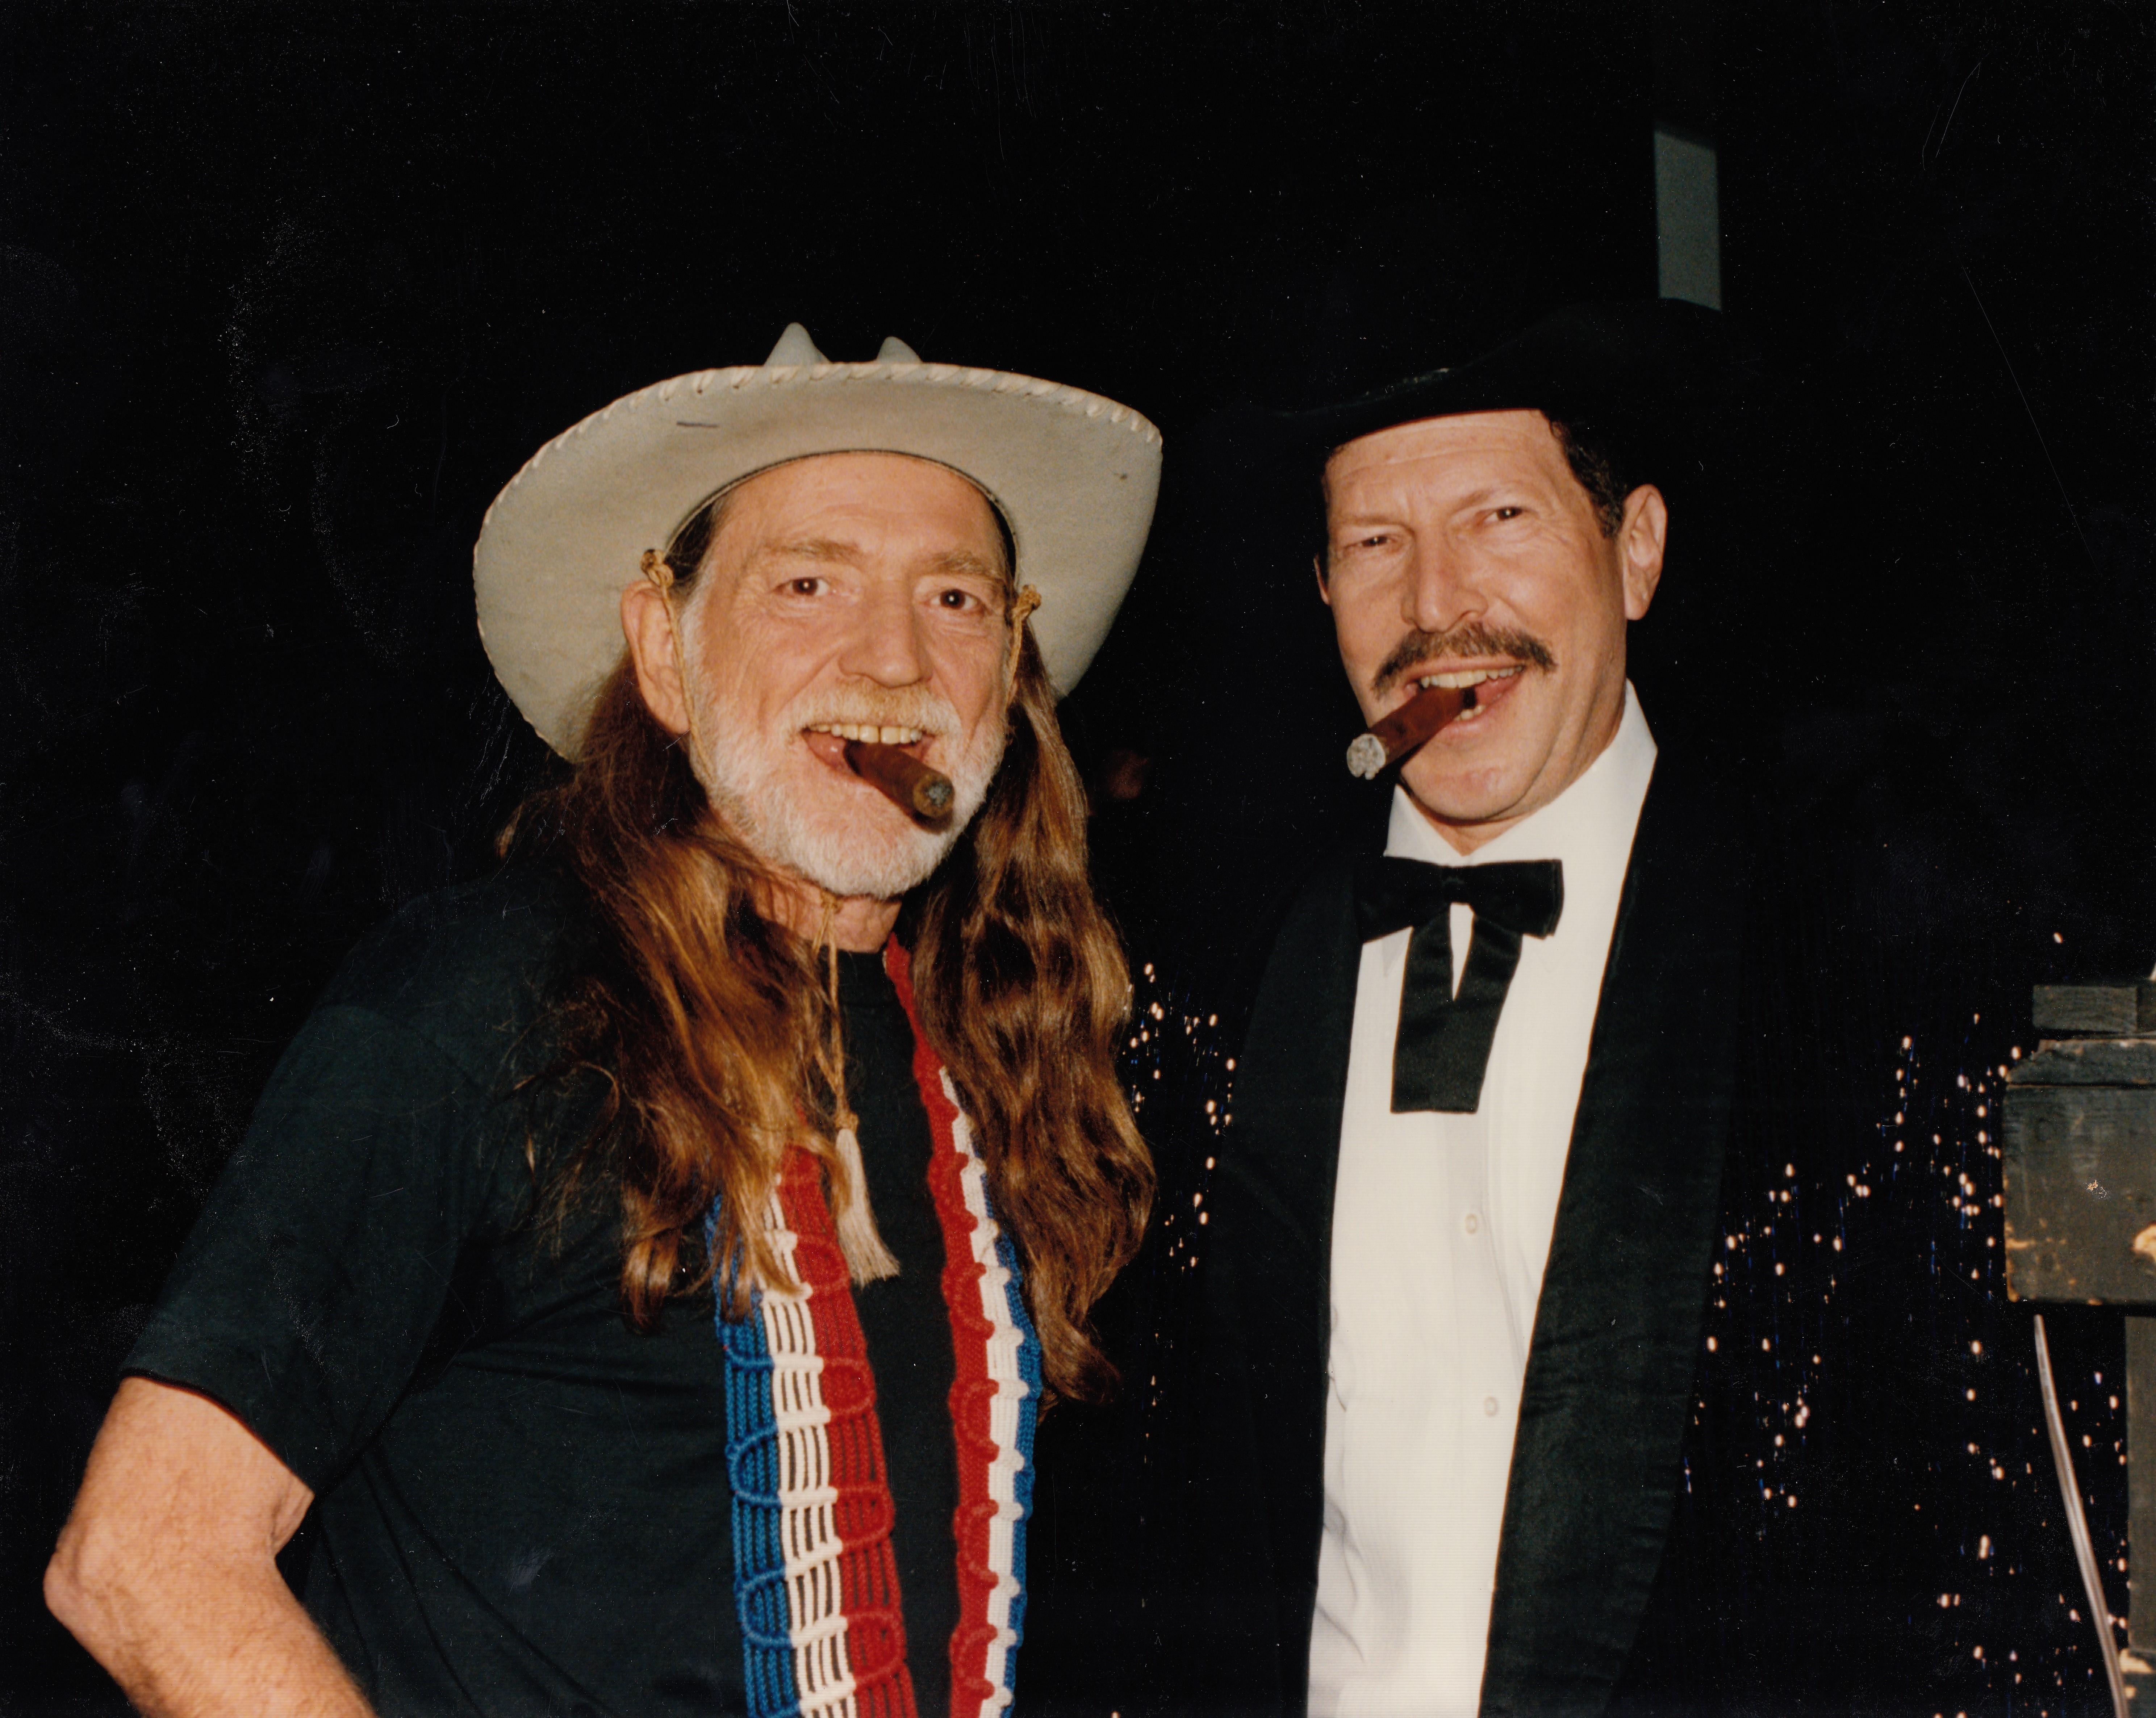 Willie nelson gotta get piss drunk